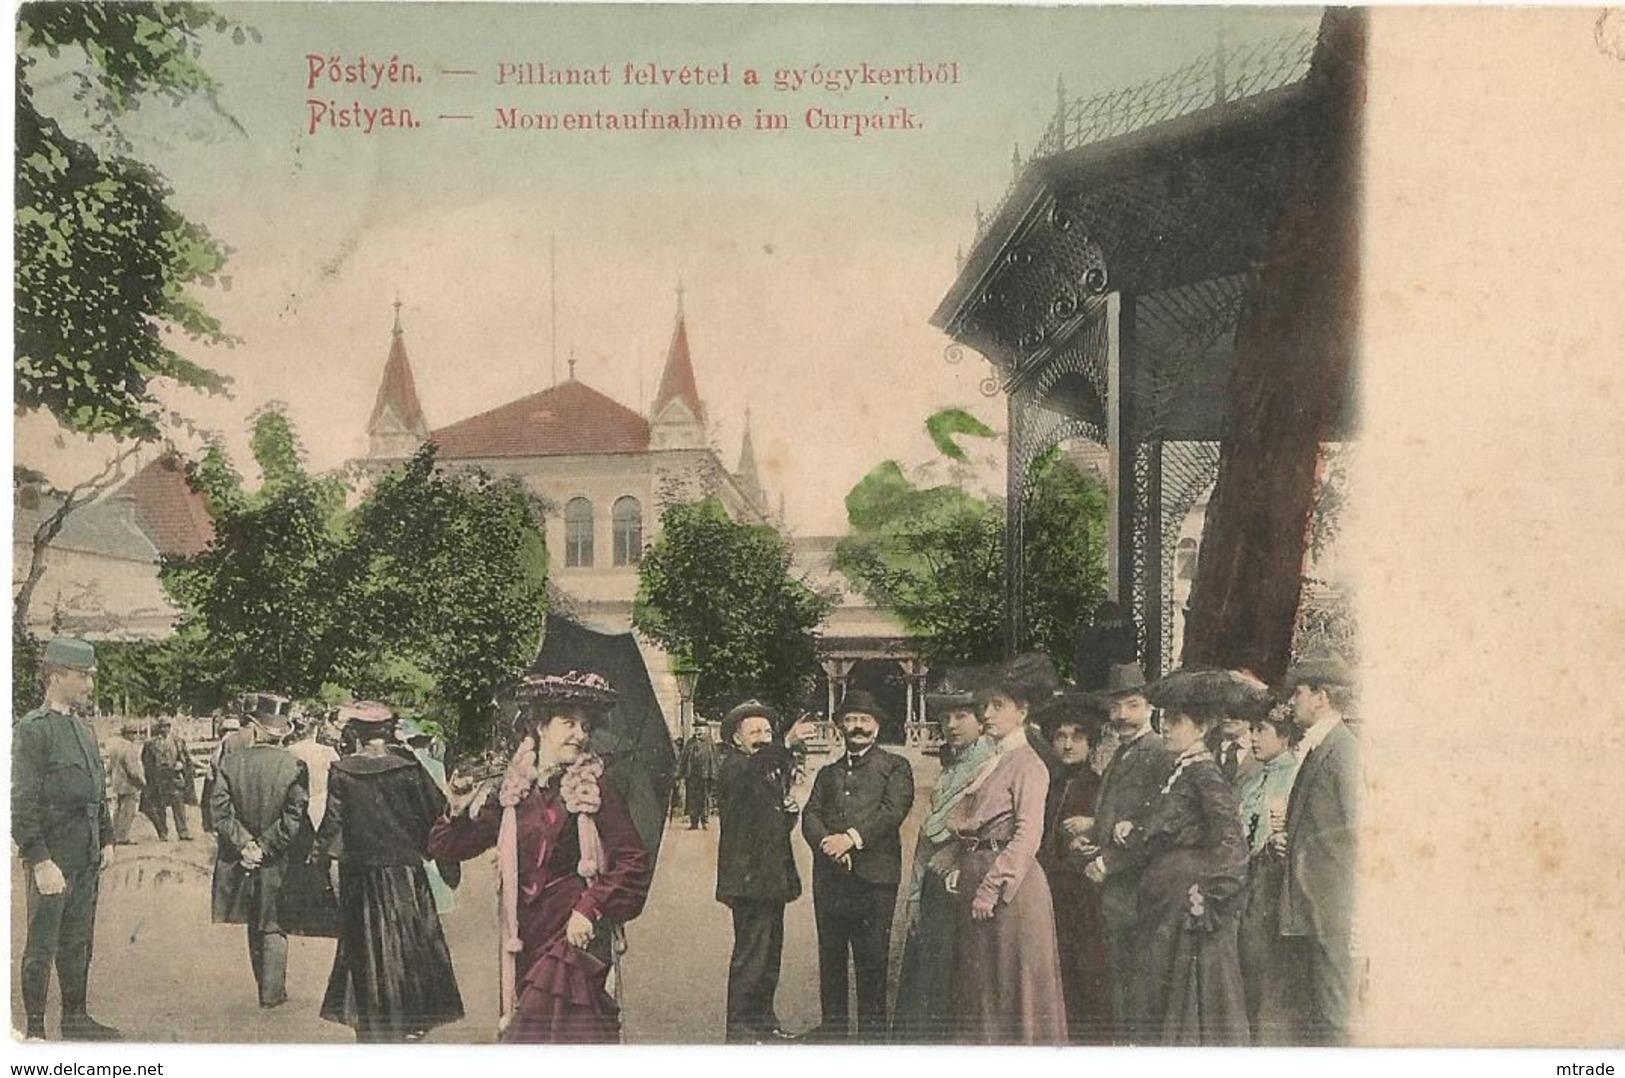 SLOVAKIA, PISTYAN - Slowakei